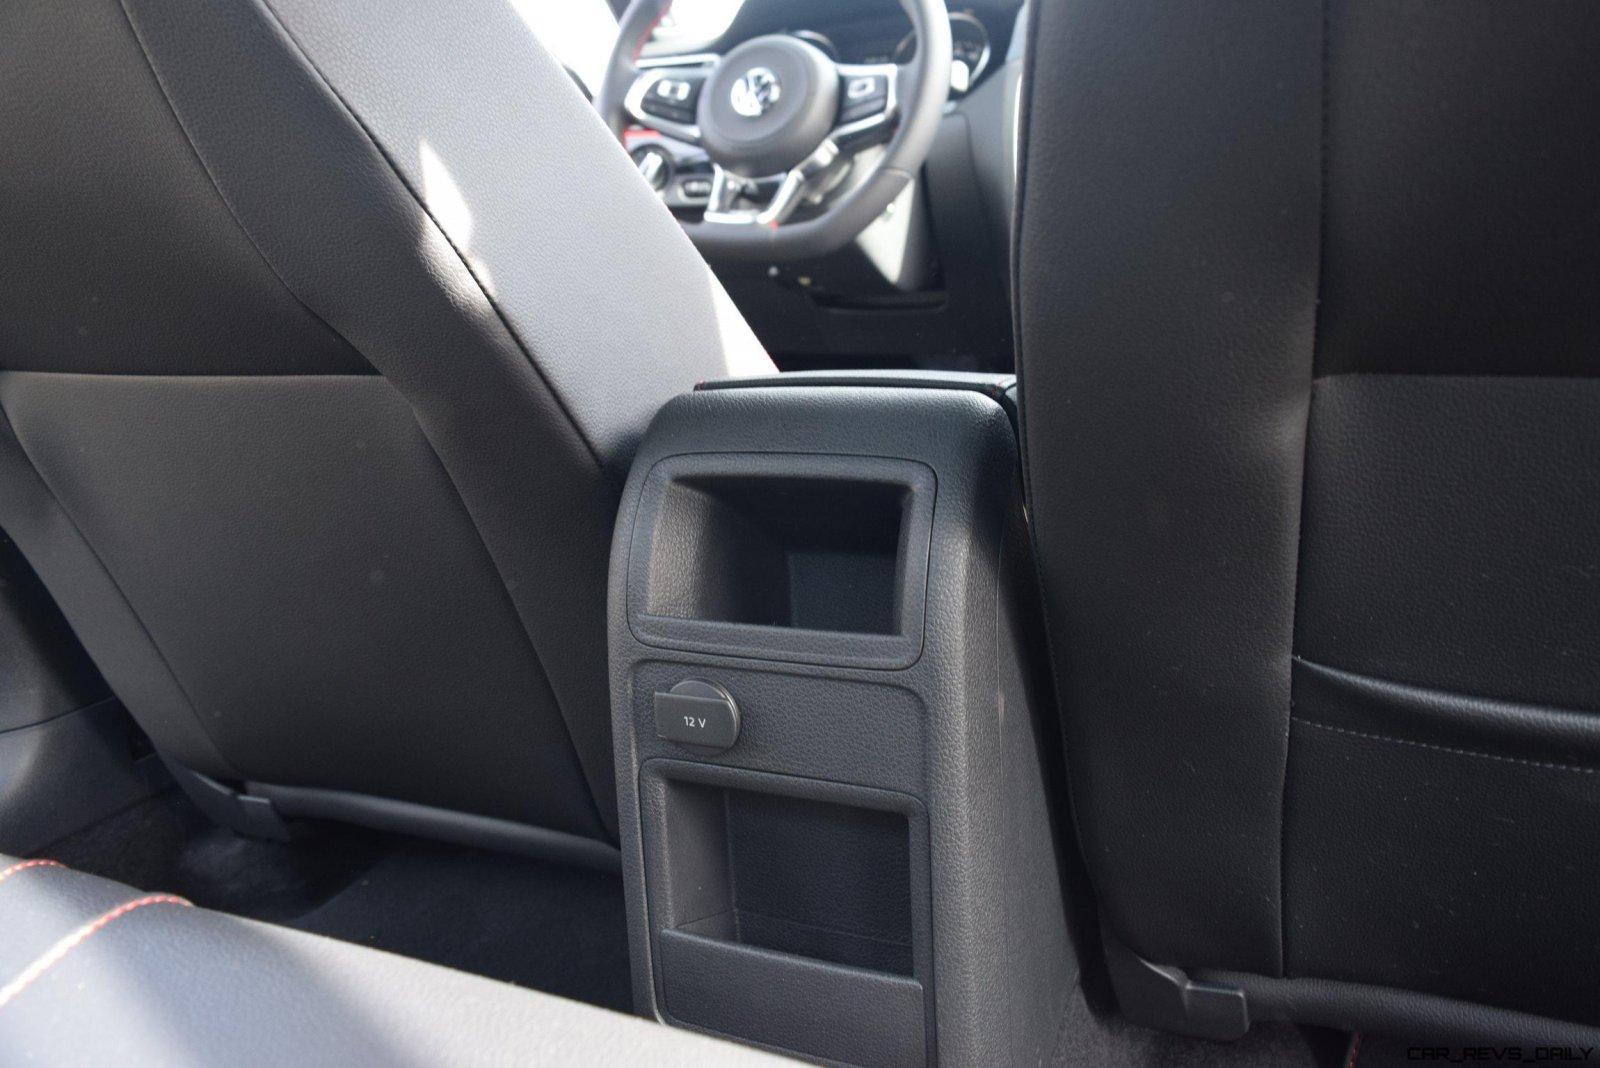 2017 Vw Jetta >> 2017 VW Jetta GLI Interior 11